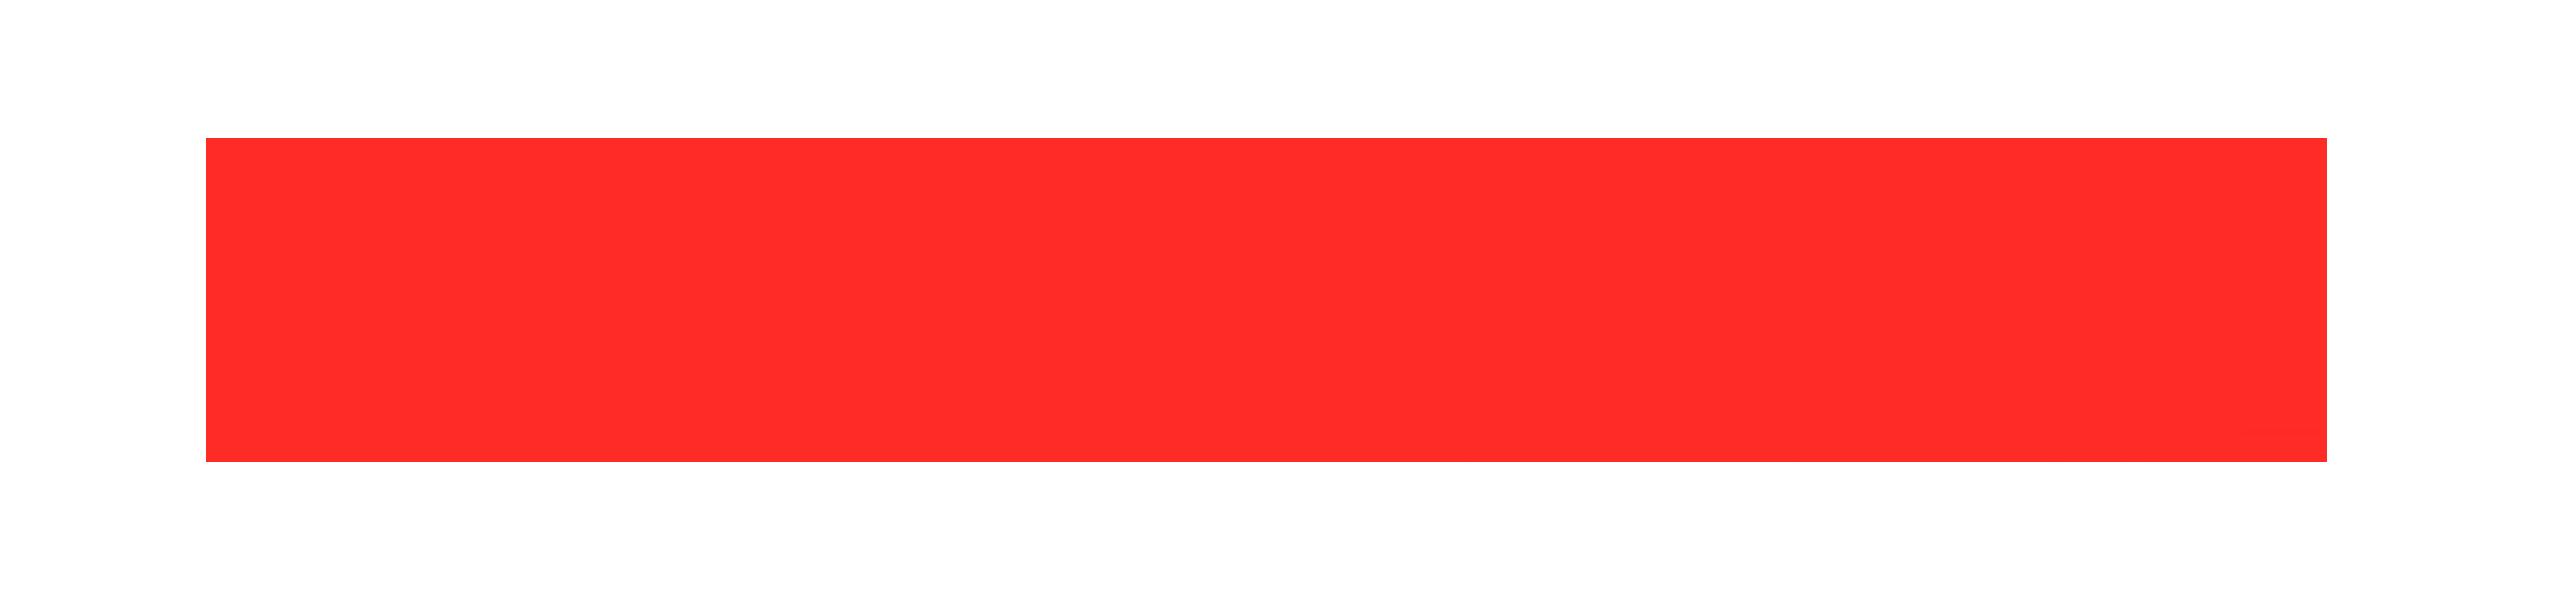 Red Jaylec Logo